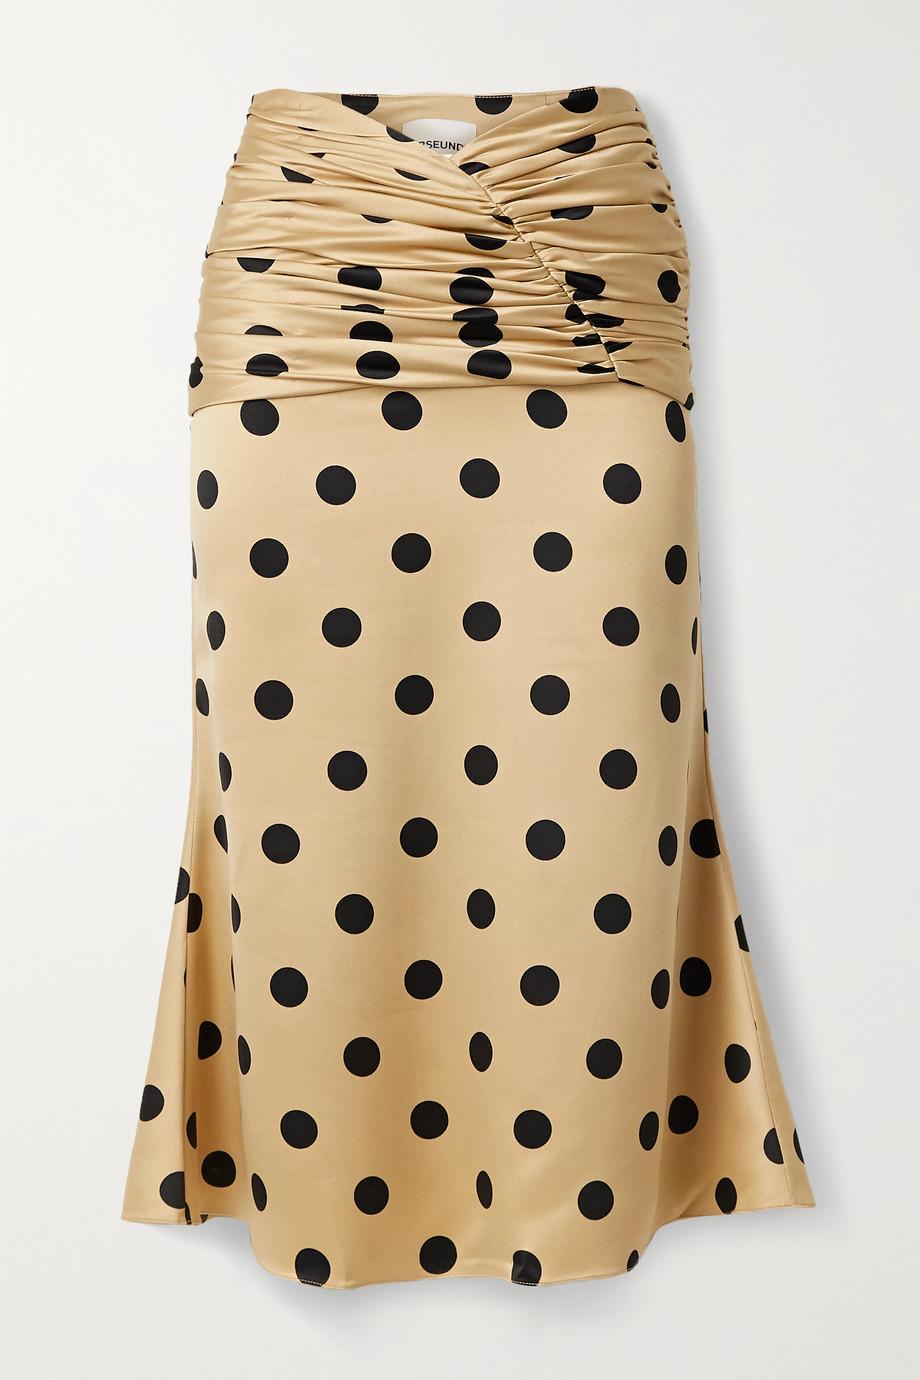 Orseund Iris Romantique 褶饰波点缎布半身裙